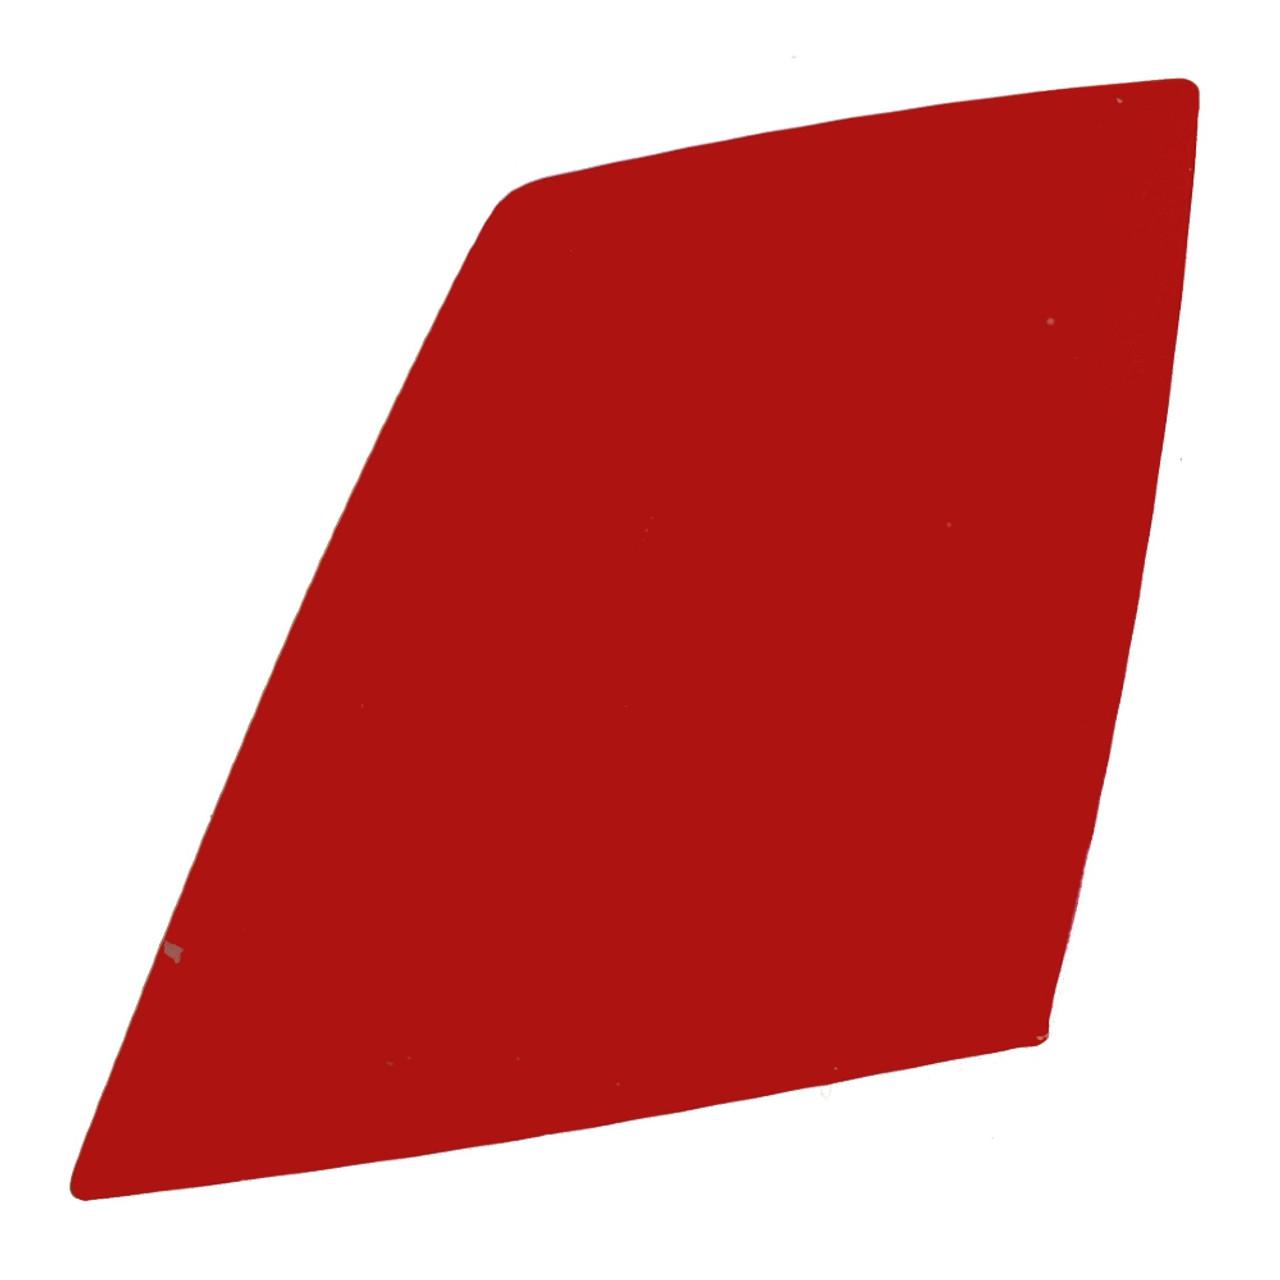 1993-97 Firebird Door-Headlamp Opening. Driver side. Red. Front